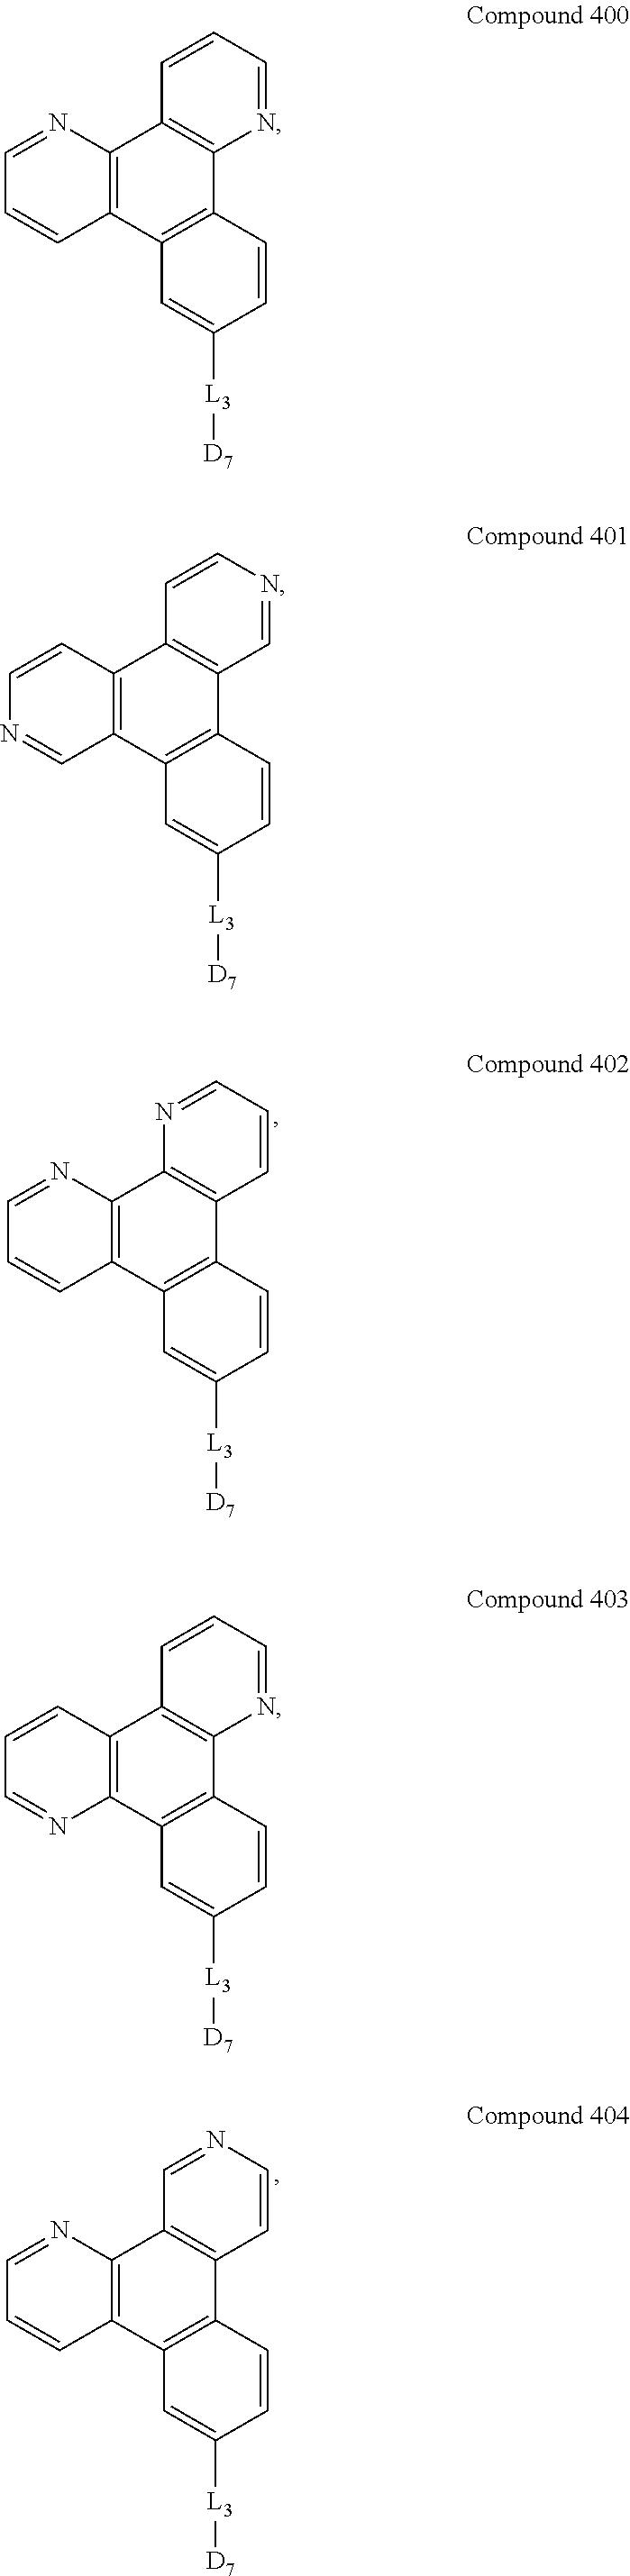 Figure US09537106-20170103-C00554